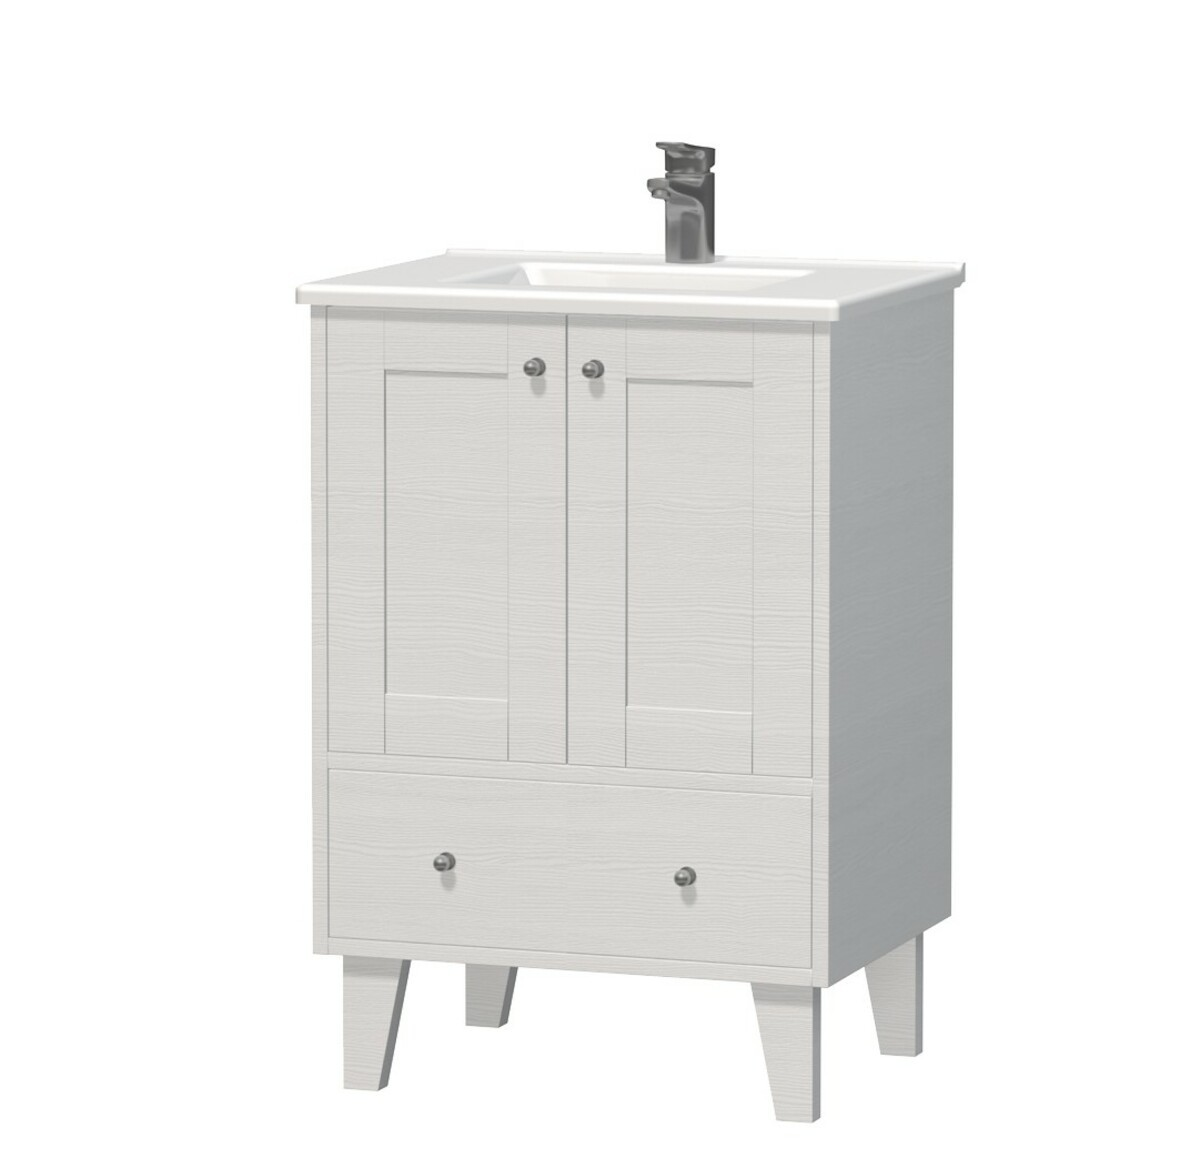 Kúpeľňová skrinka s umývadlom Naturel Provence 60x46 cm biela PROVENCE60BT